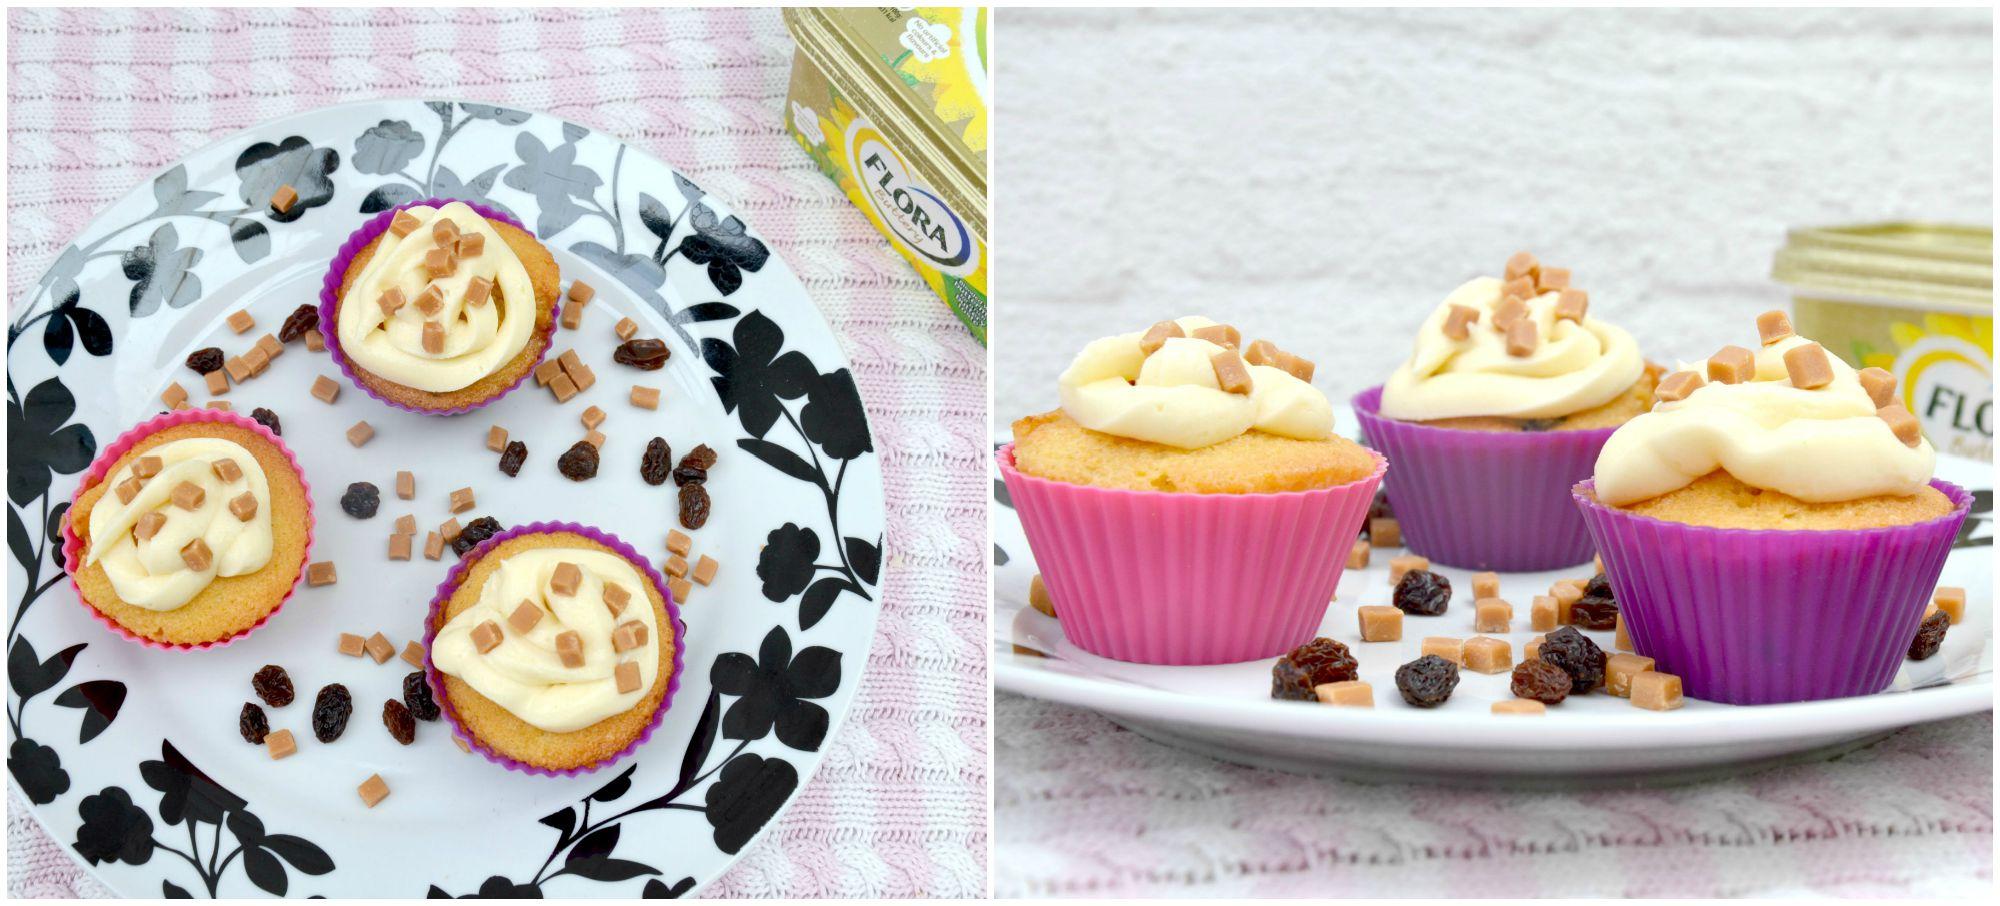 fudge and raisin cupcakes